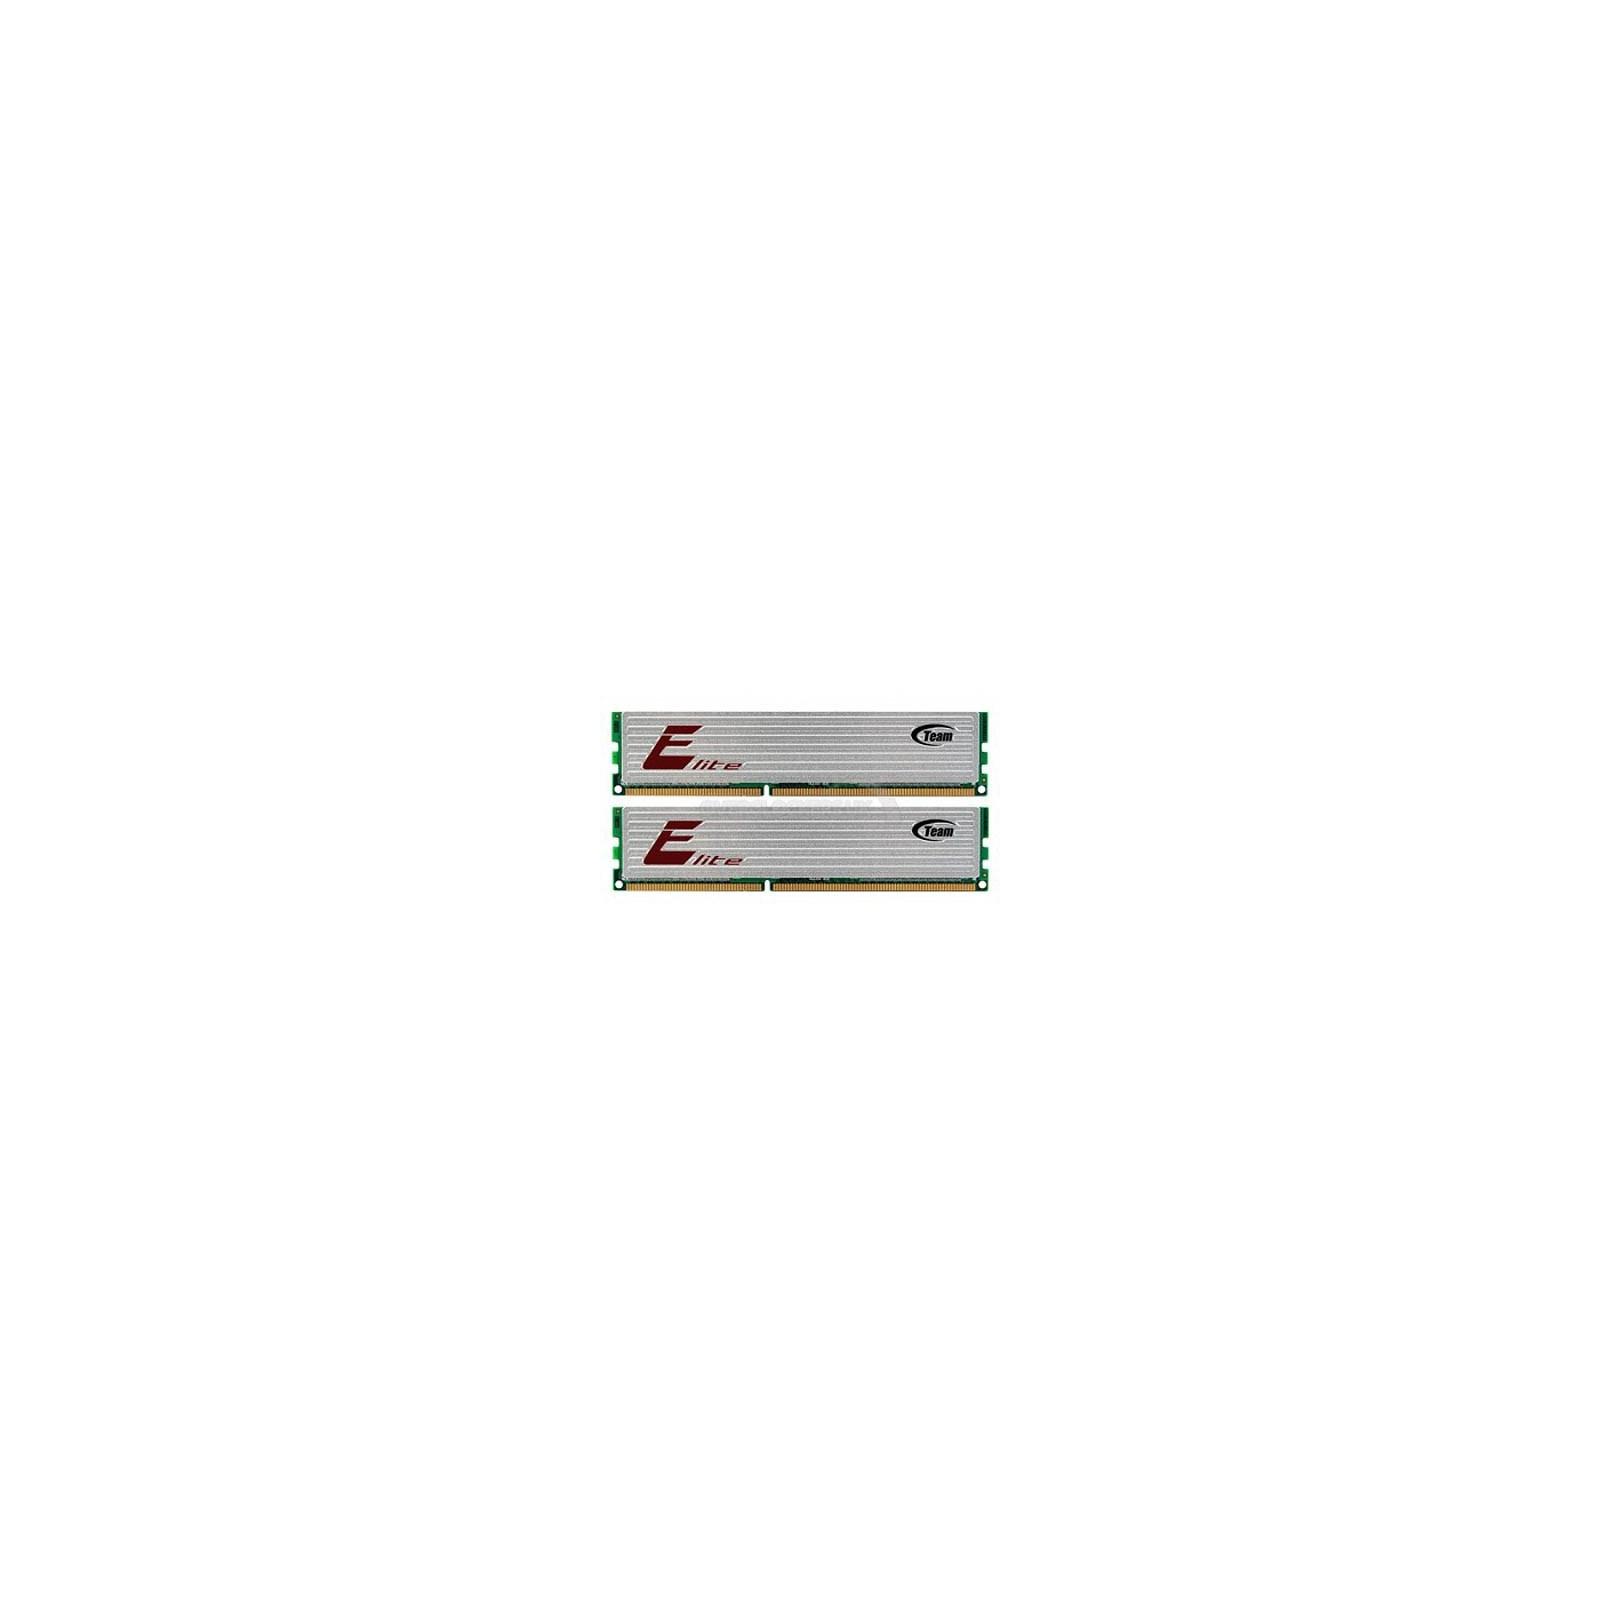 Модуль памяти для компьютера DDR3 16GB (2x8GB) 1600 MHz Team (TED316G1600HC11DC01)